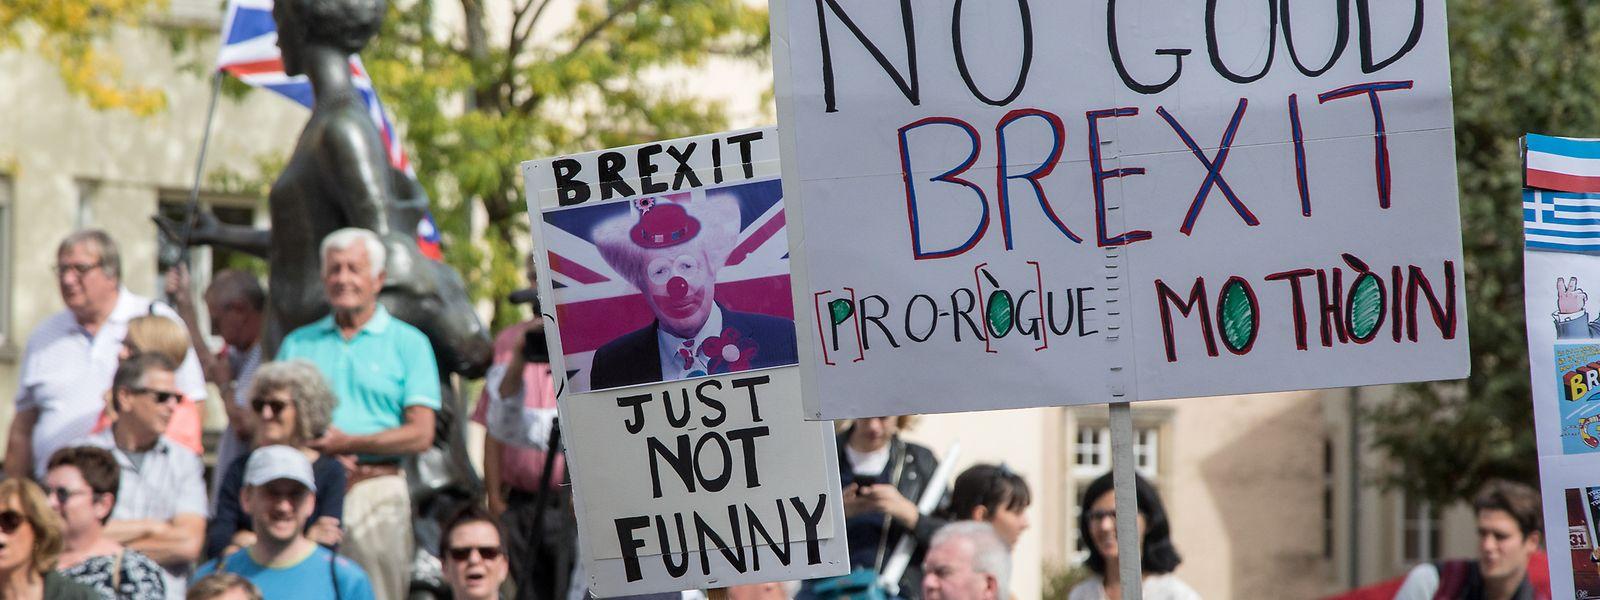 Les ressortissants de Grande-Bretagne résidant au Luxembourg n'espèrent pas grand-chose d'un scrutin qui entérinera le Brexit, selon les sondages.